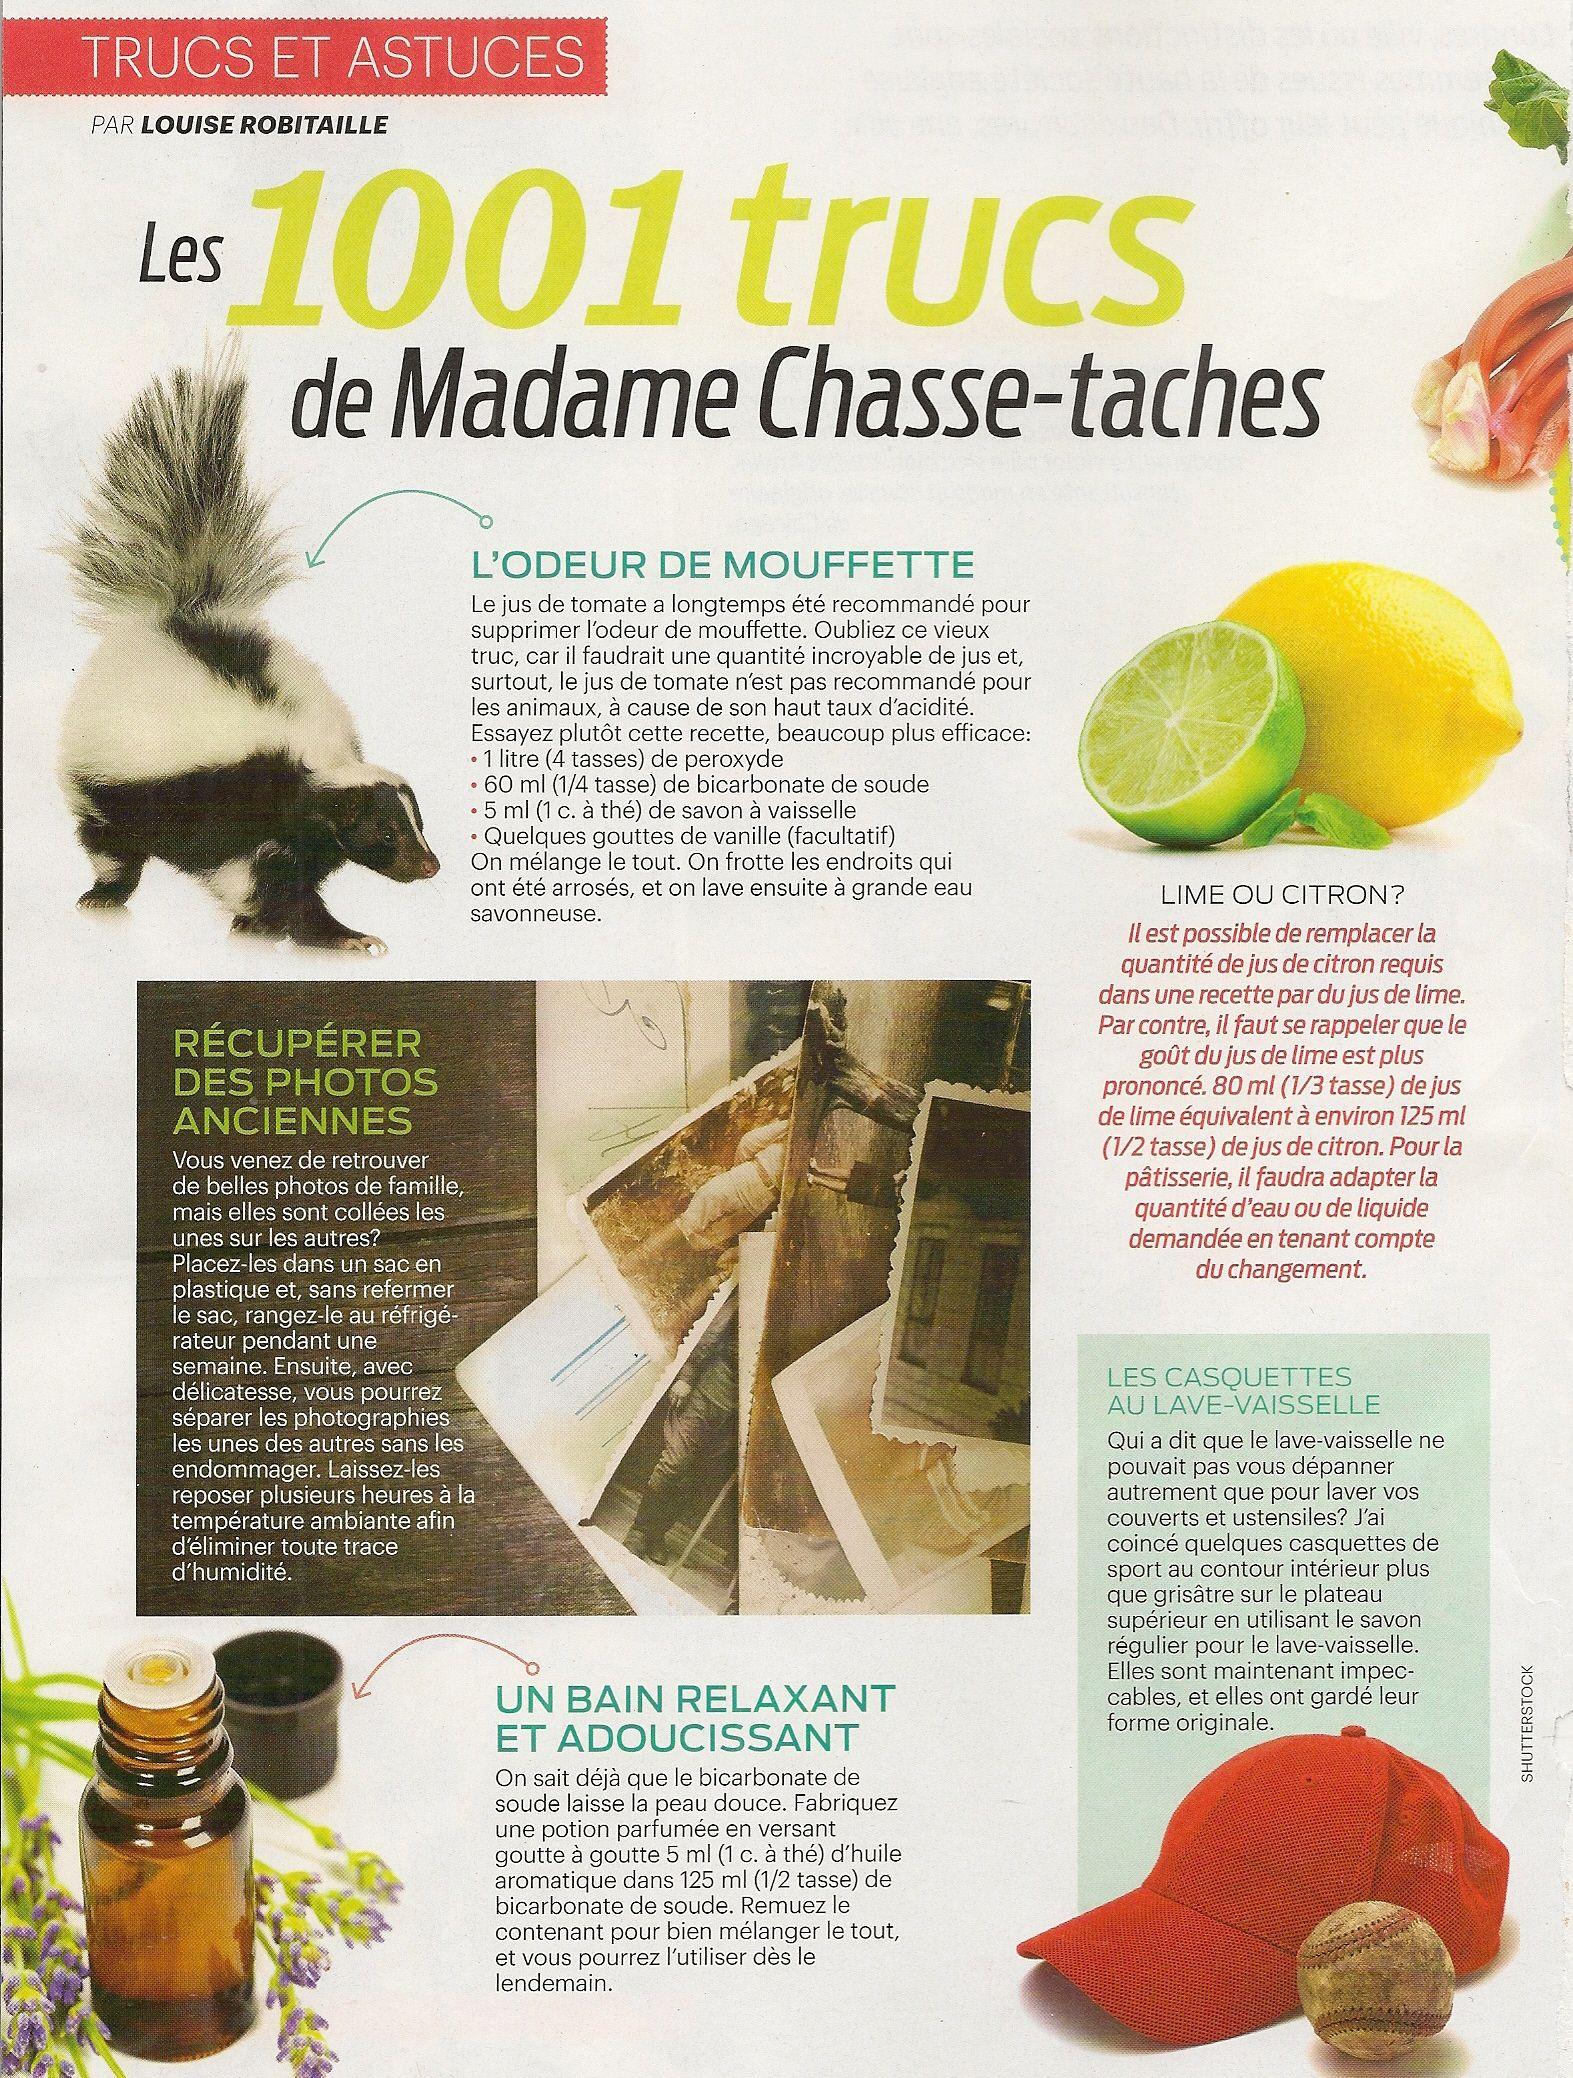 Savon Sans Odeur Pour La Chasse trucs et astuces: l'odeur de mouffette - 2 pages - frawsy